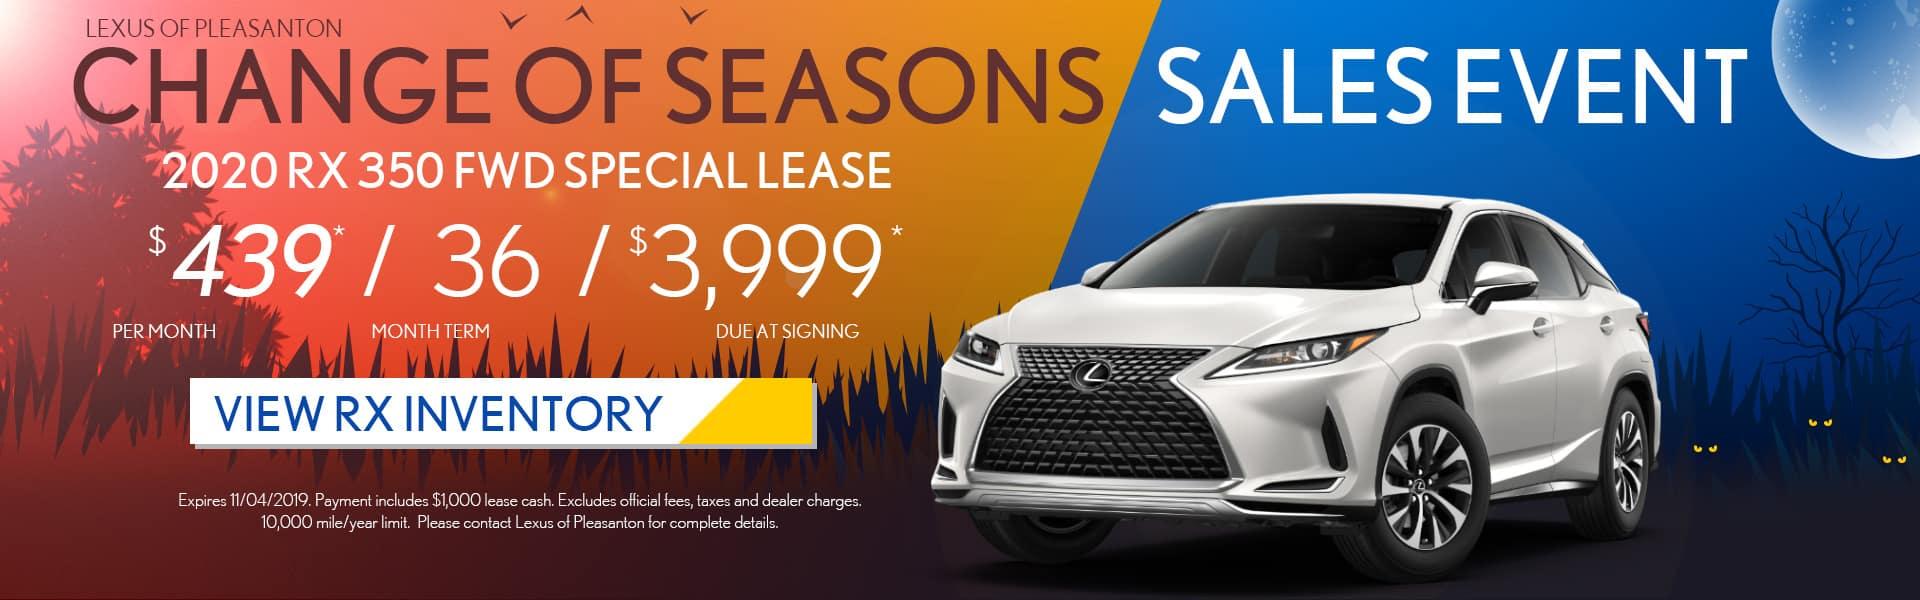 Lexus of Pleasanton 2020 RX350 Special Lease